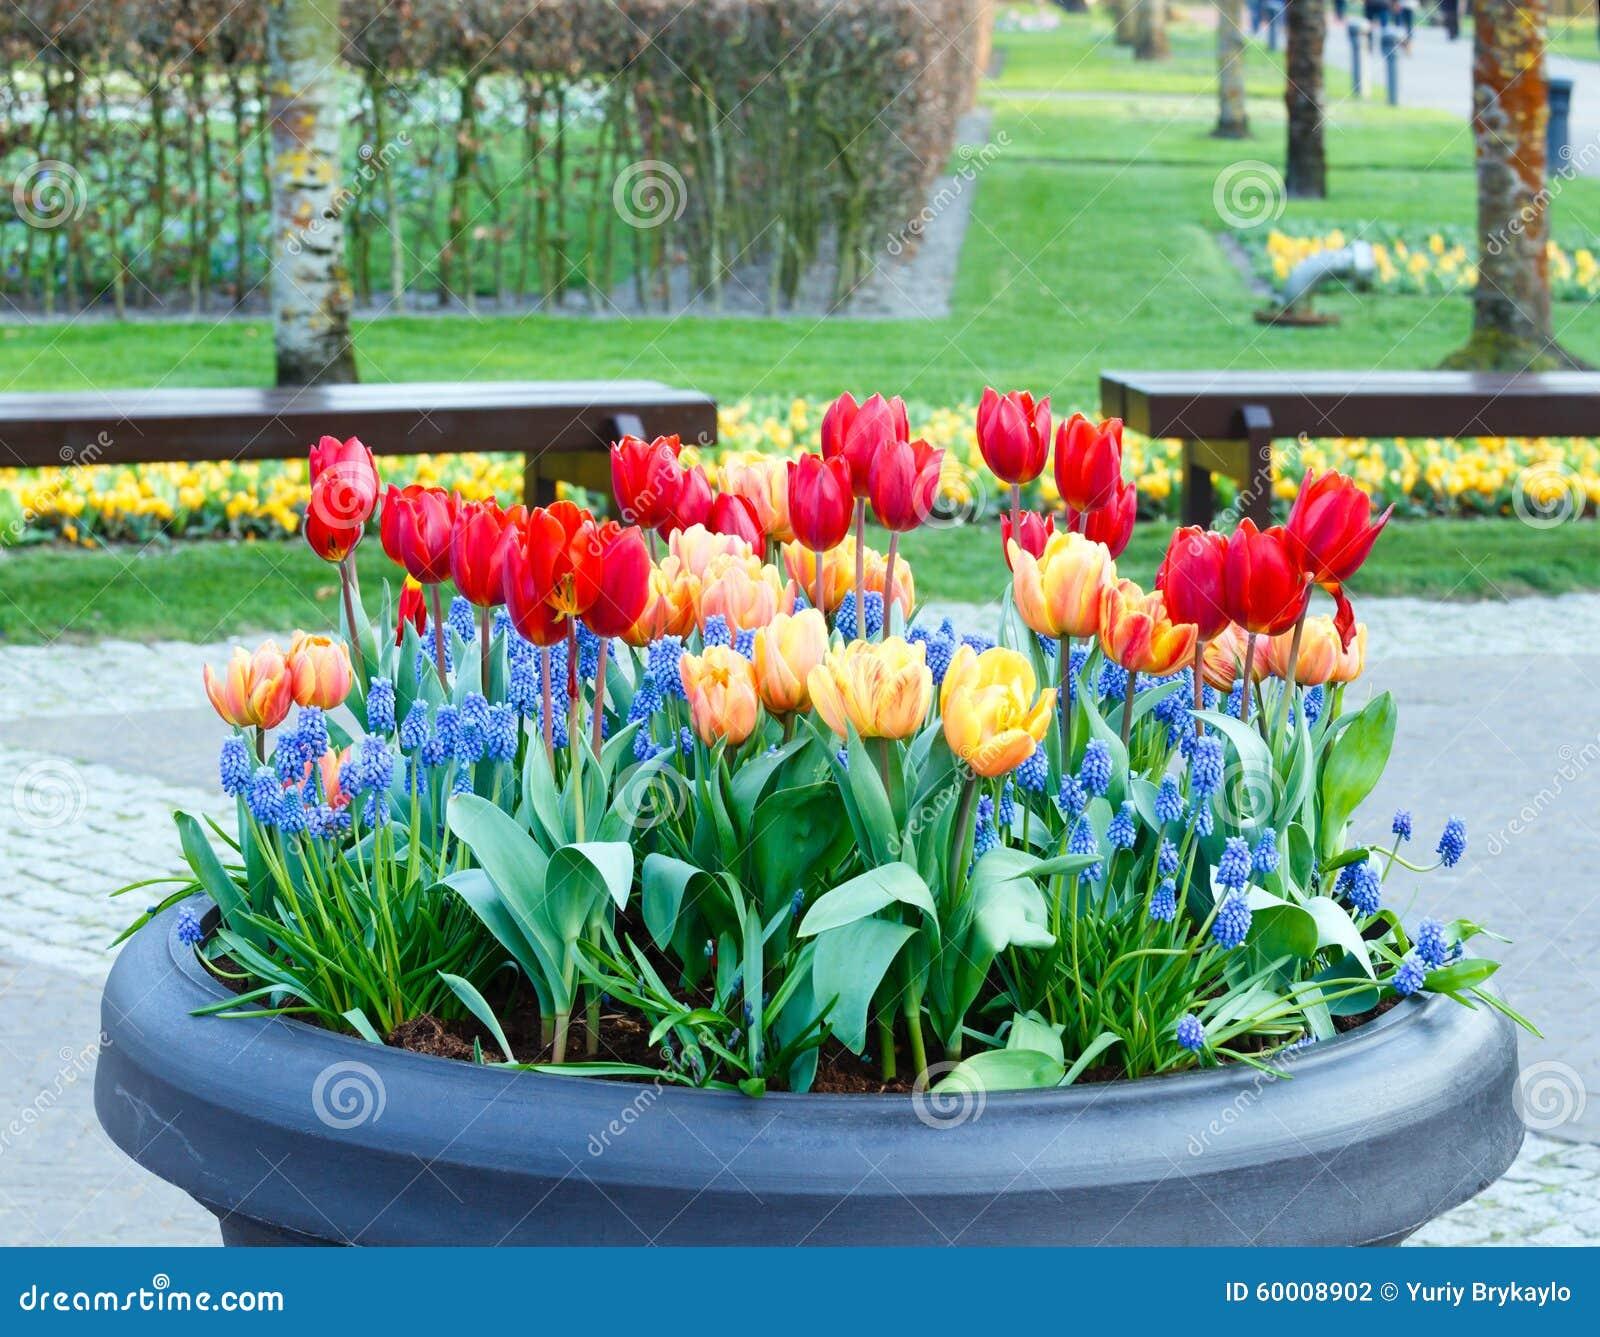 Rot gelbe tulpen im gro en blumentopf stockfoto bild for Blumentopf rot